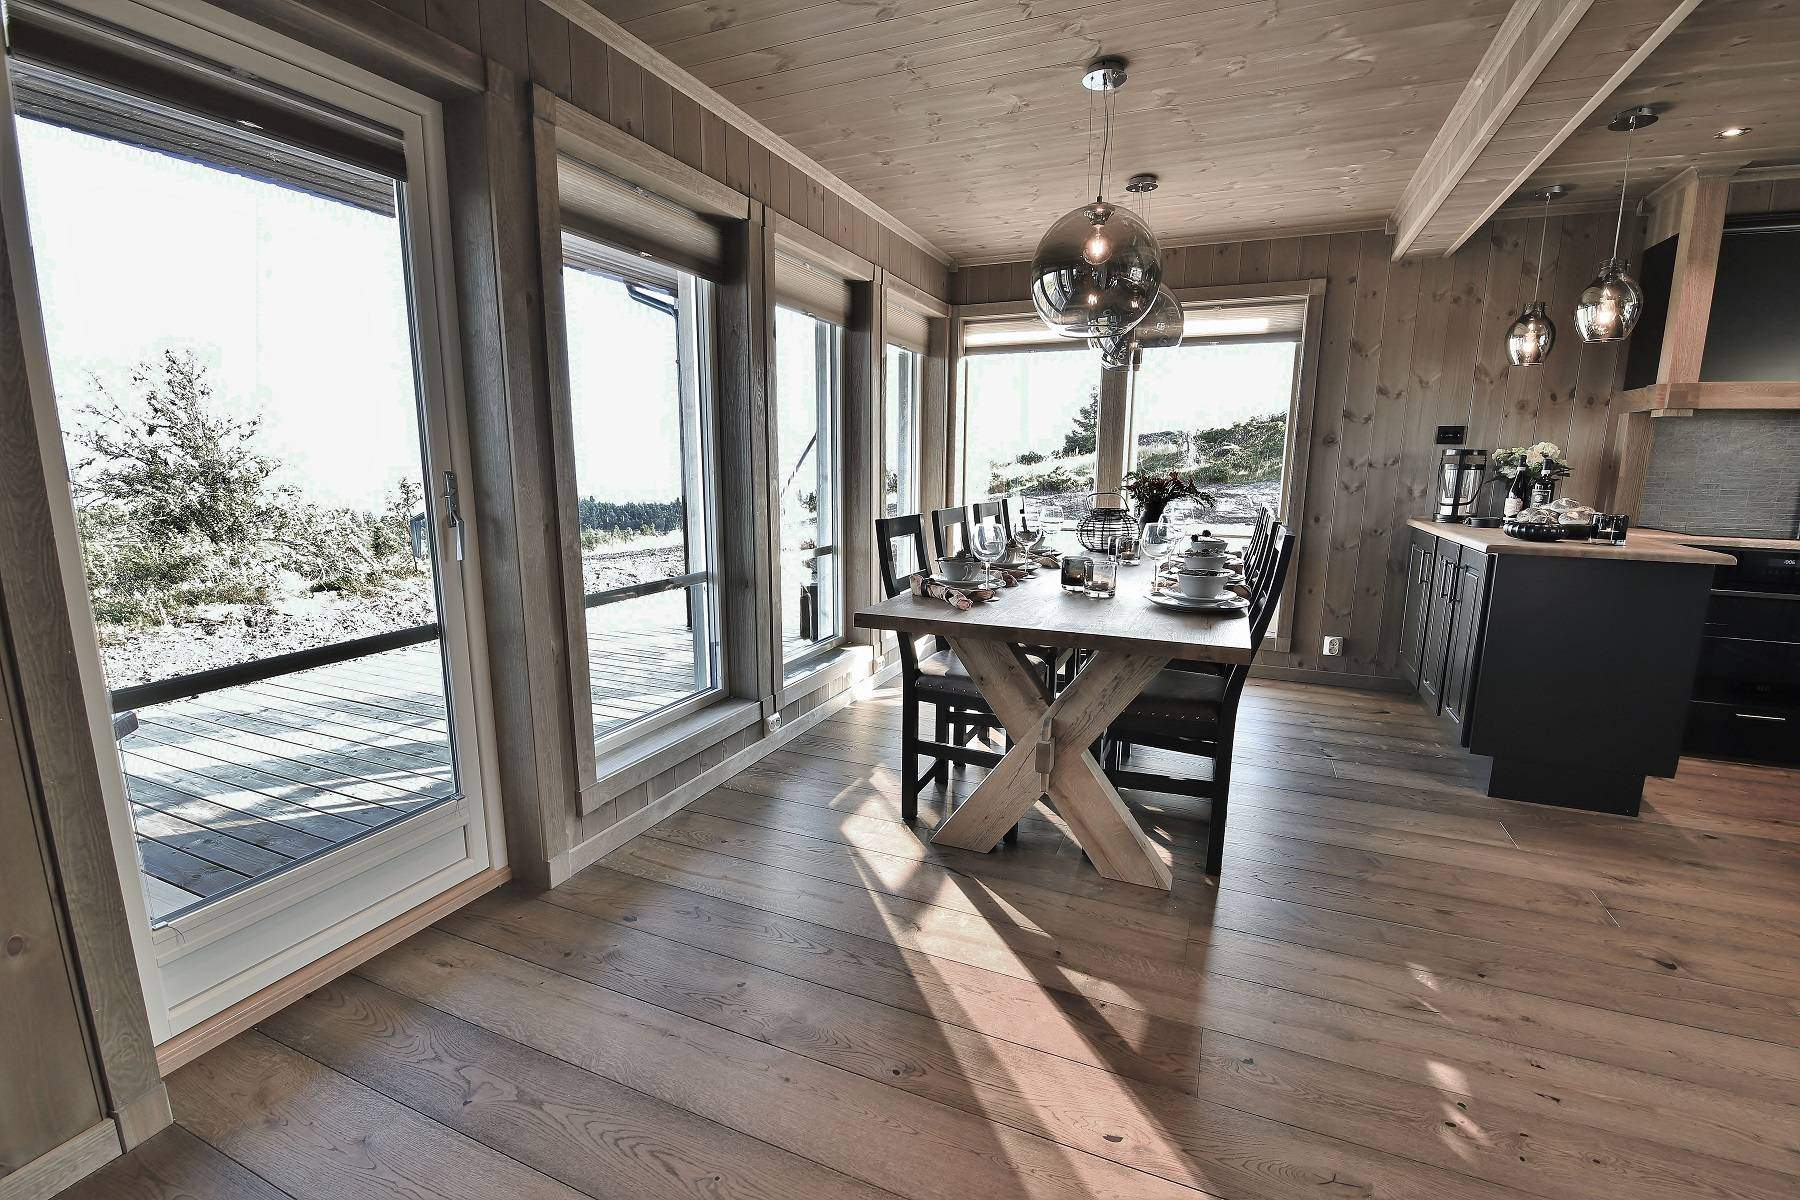 180 Hytteinteriør Hytteinspirasjon Storjuvtinden 114 på Nesbyen. Spiseplass med store åpne vindusflate mot fjell landskapet.